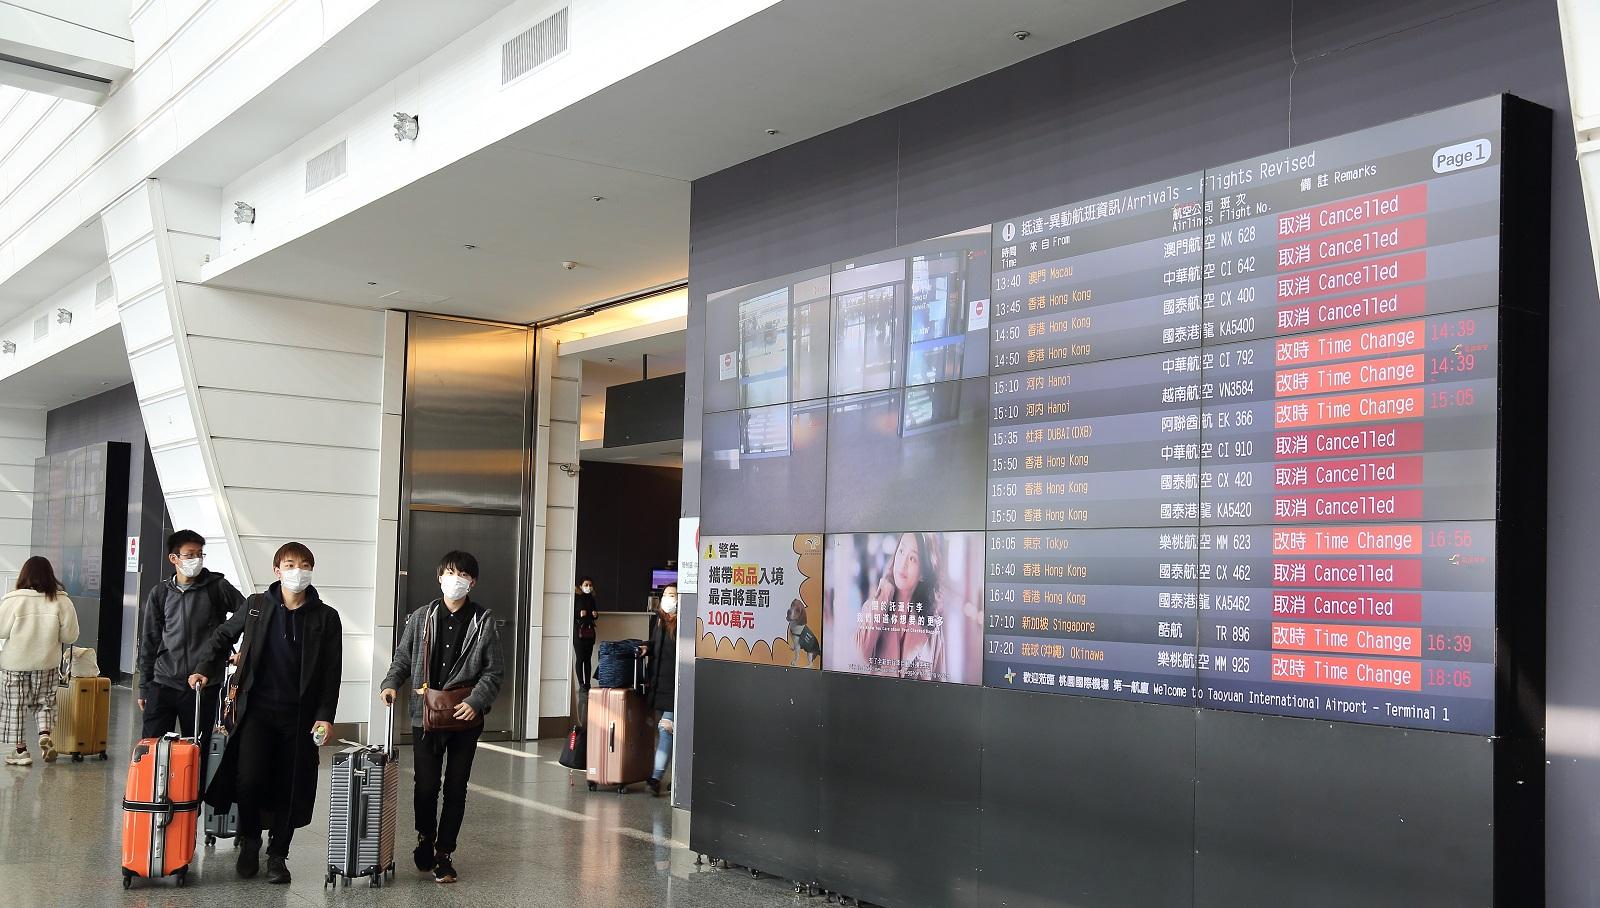 武漢肺炎》疫情衝擊!500家旅行社恐面臨停業 五星飯店推「超狂優惠」搶救住房率